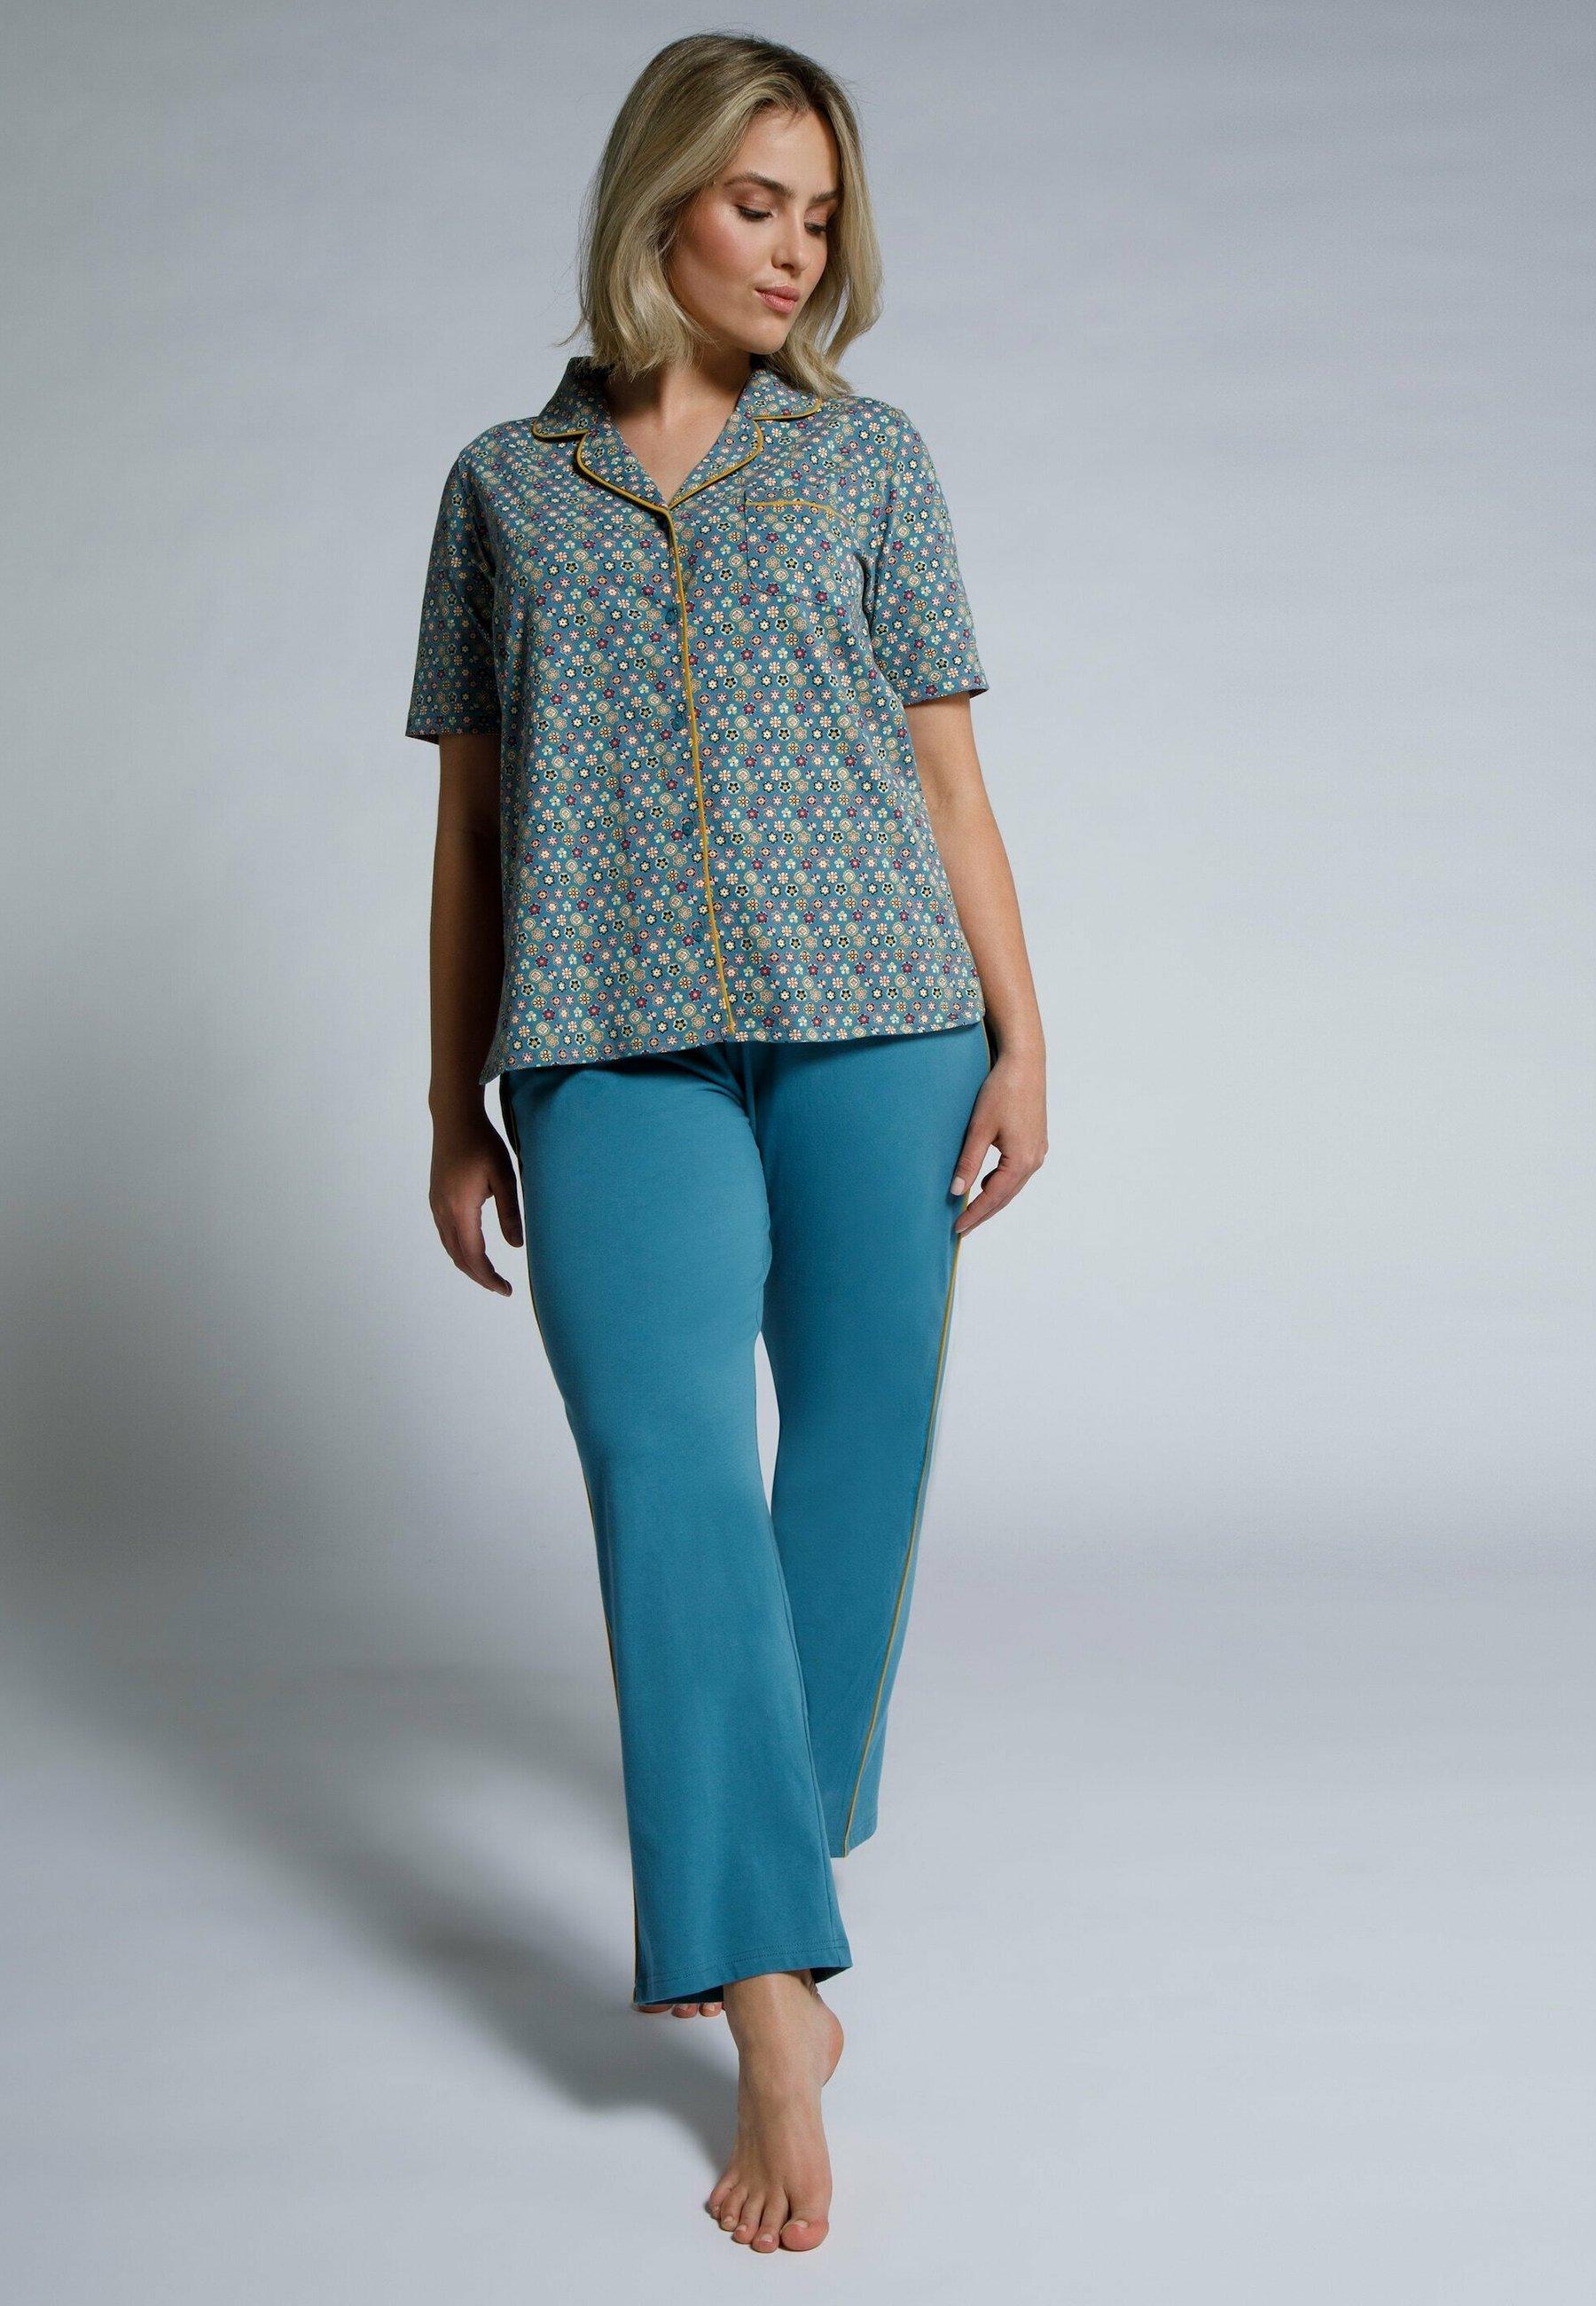 Femme REVERSKRAAG, LANGE MOUWEN - Pyjama